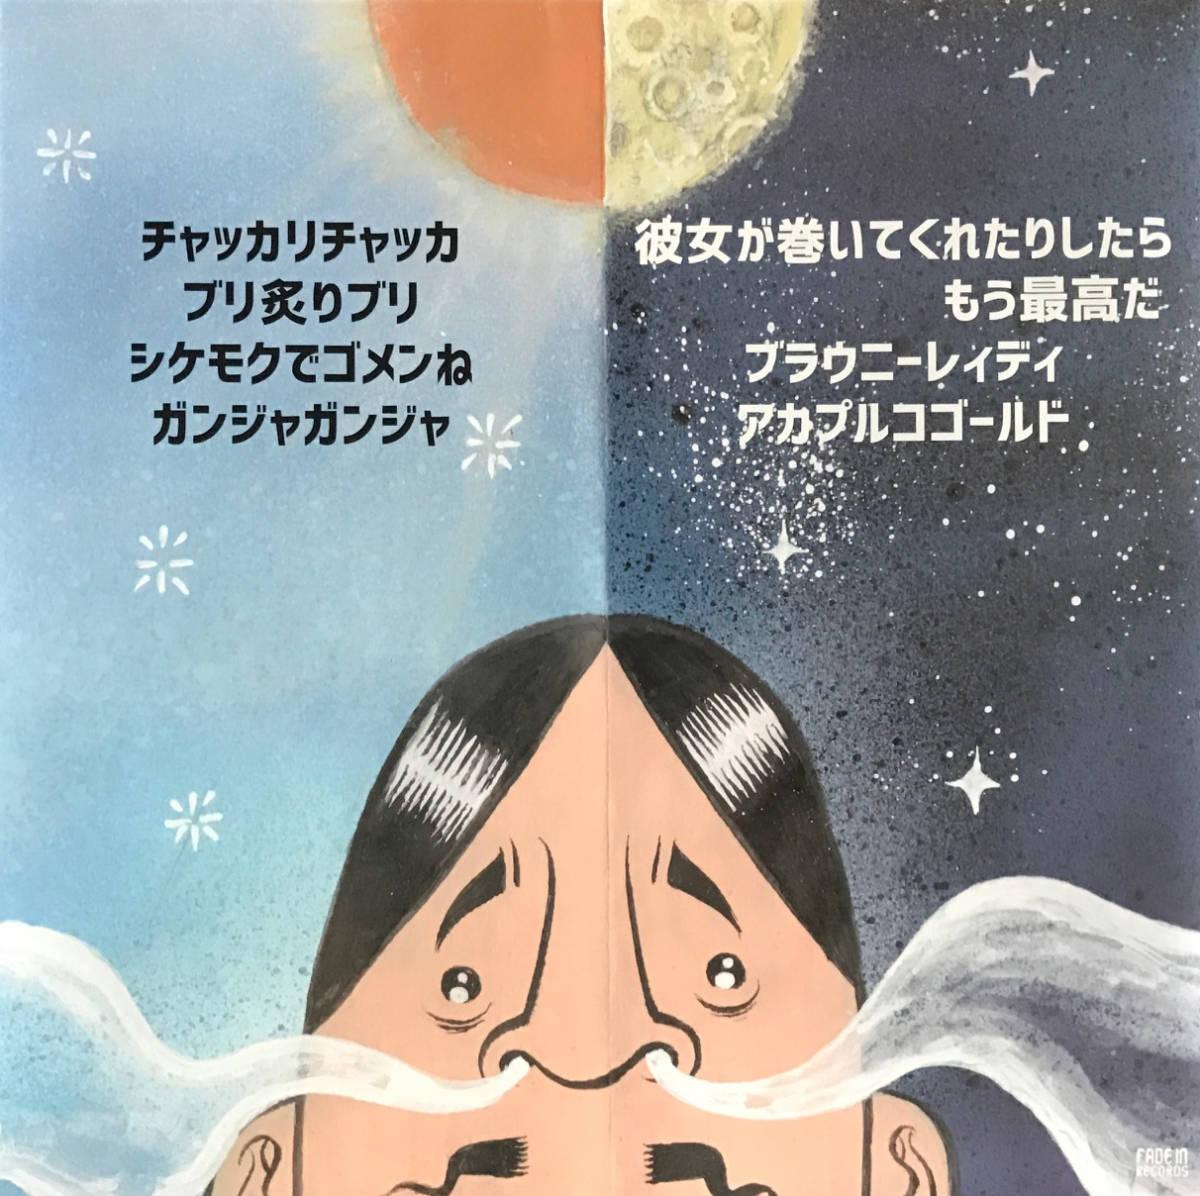 送料無料 LP レコード 新品未使用盤 チャッカーズ ファースト 1st 日本解放最前線 アナログ LTD250_画像2